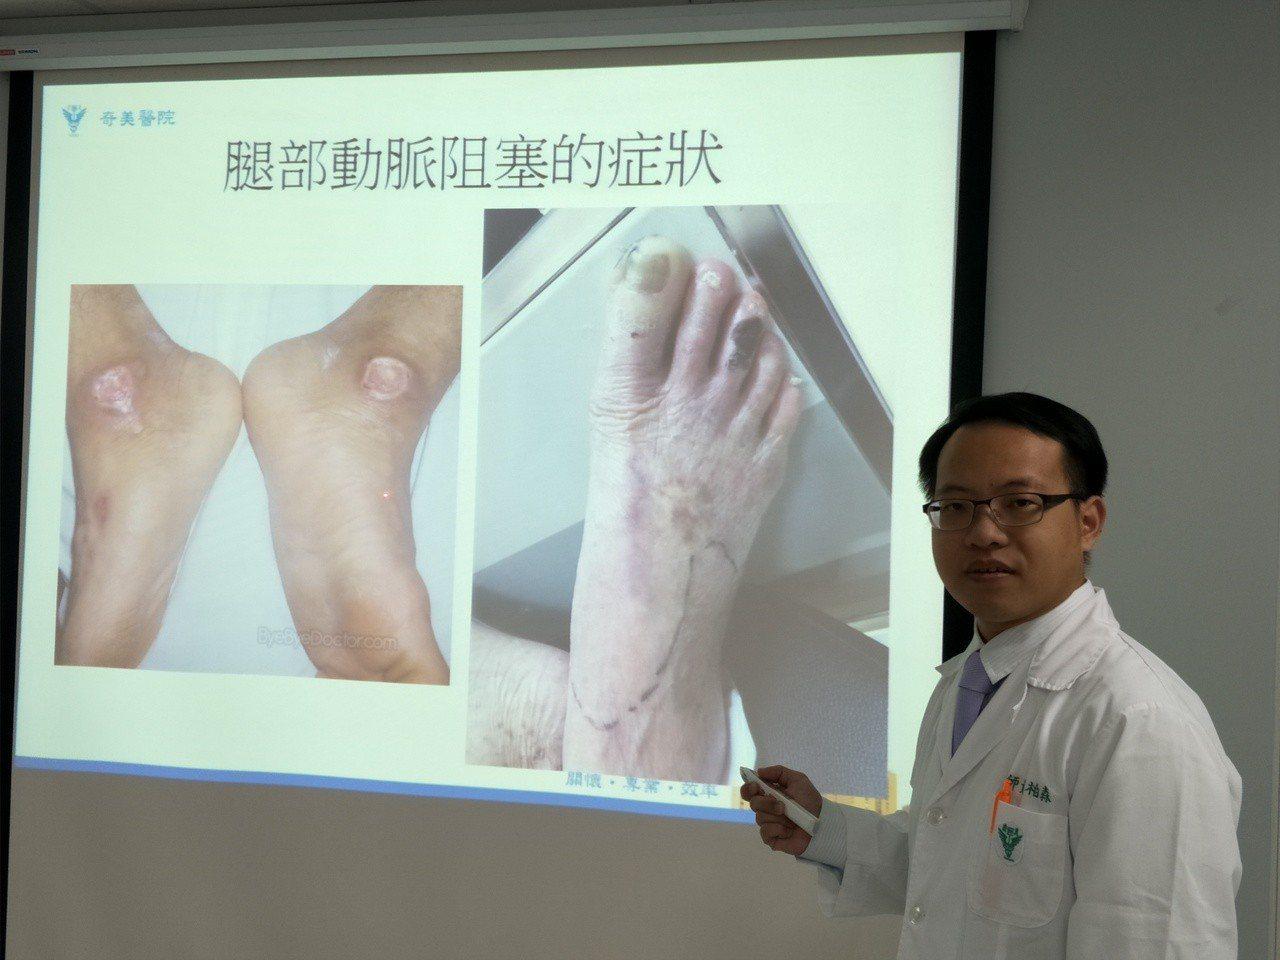 台南佳里奇美醫院醫師黃柏森提醒,腿部行走痠痛,小心是動脈血管阻塞,嚴重者甚至須截...